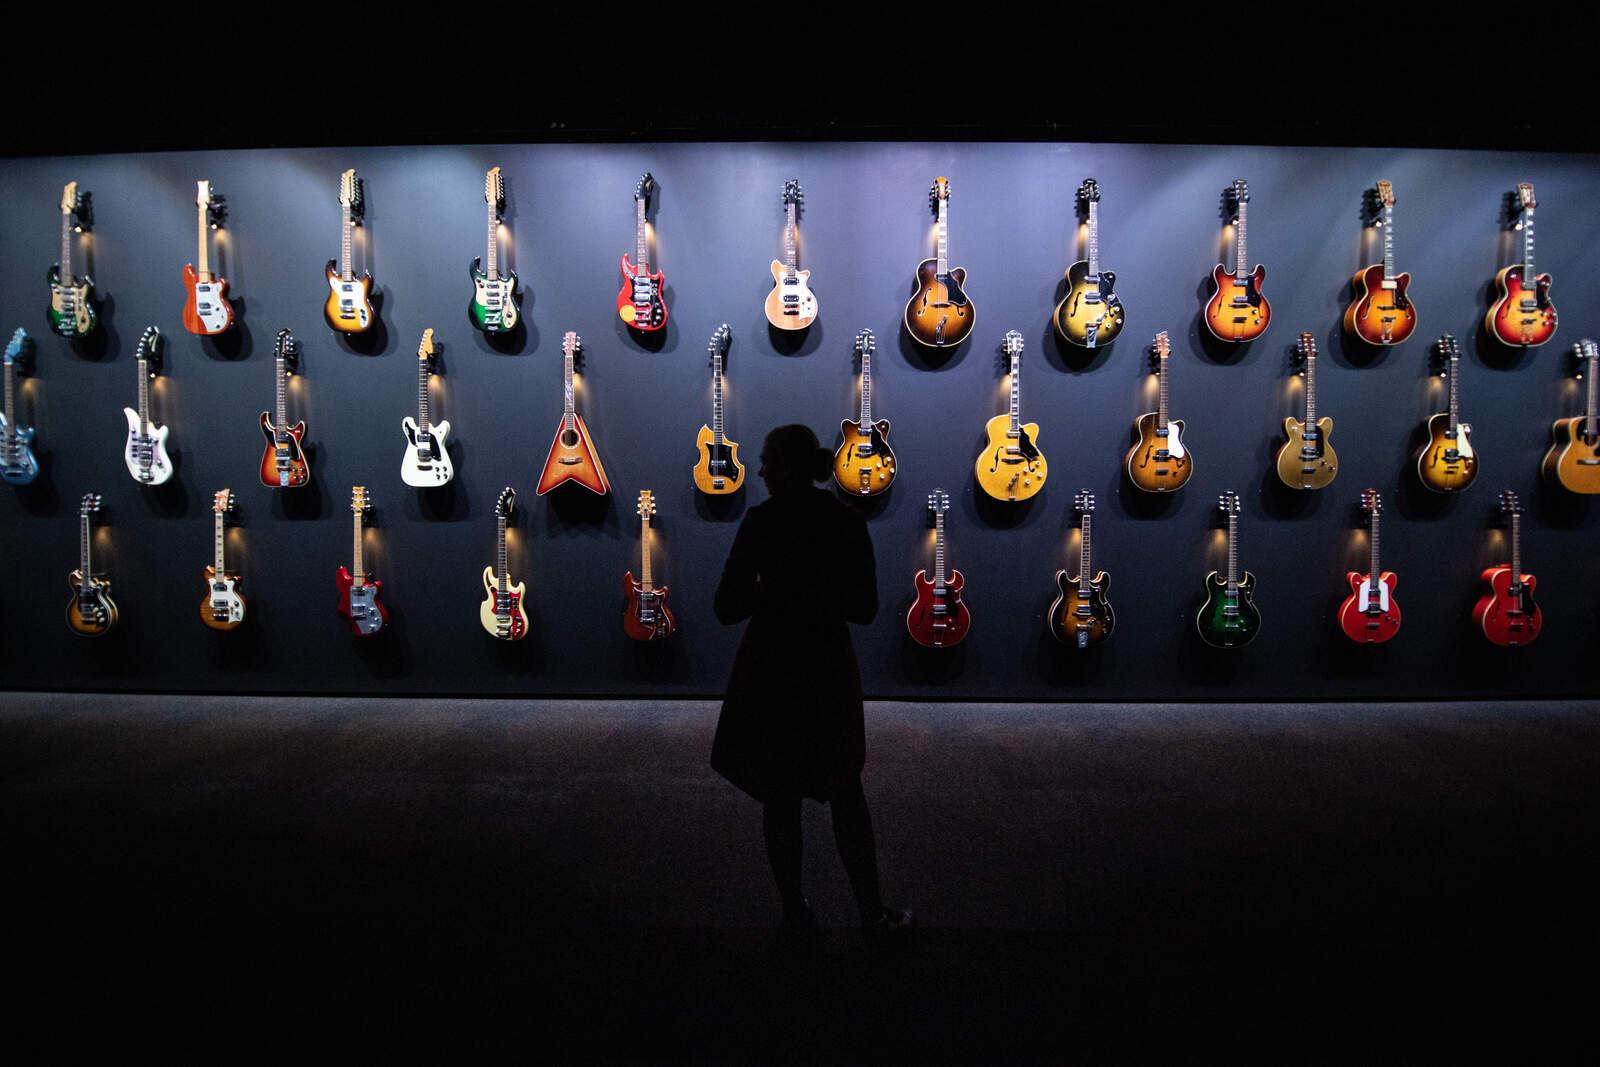 Exposició de guitarres (fotografia d'arxiu)